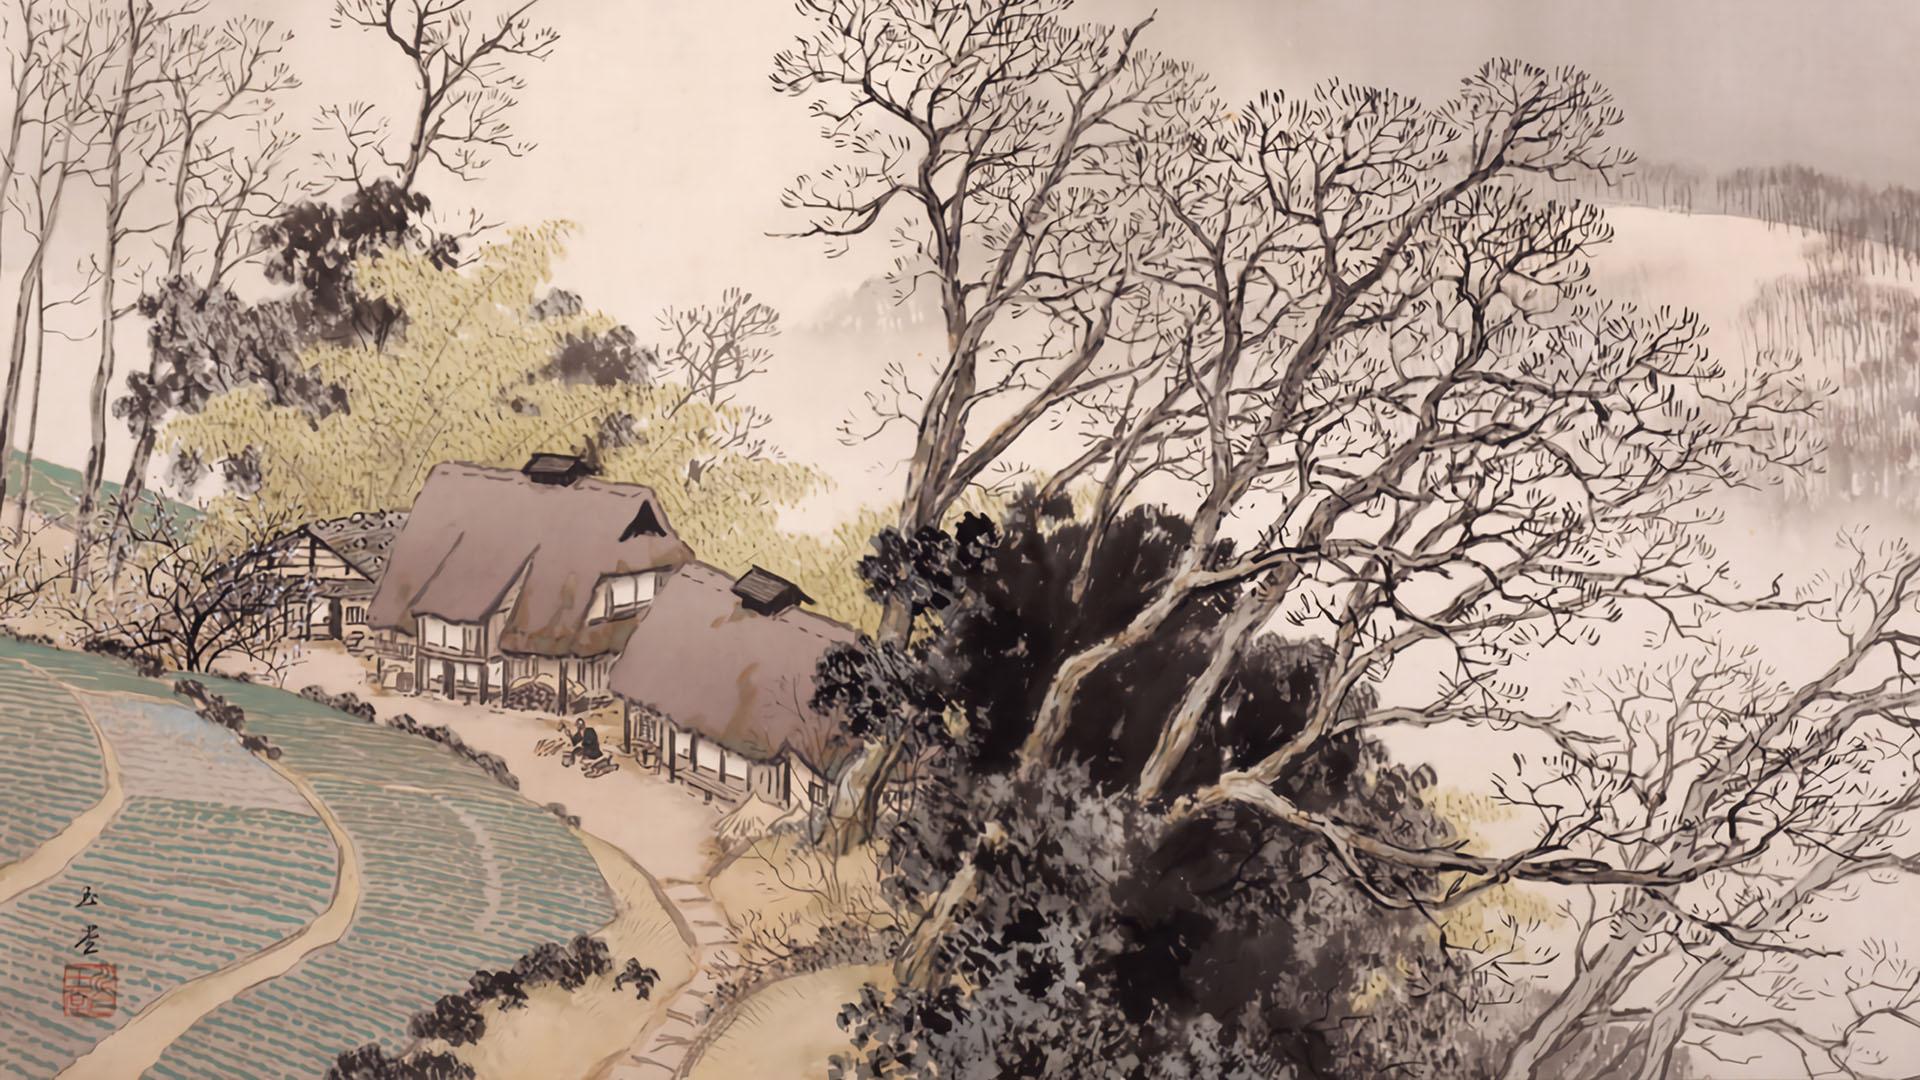 Kawai Gyokudo - Sanka soushun 1920x1080